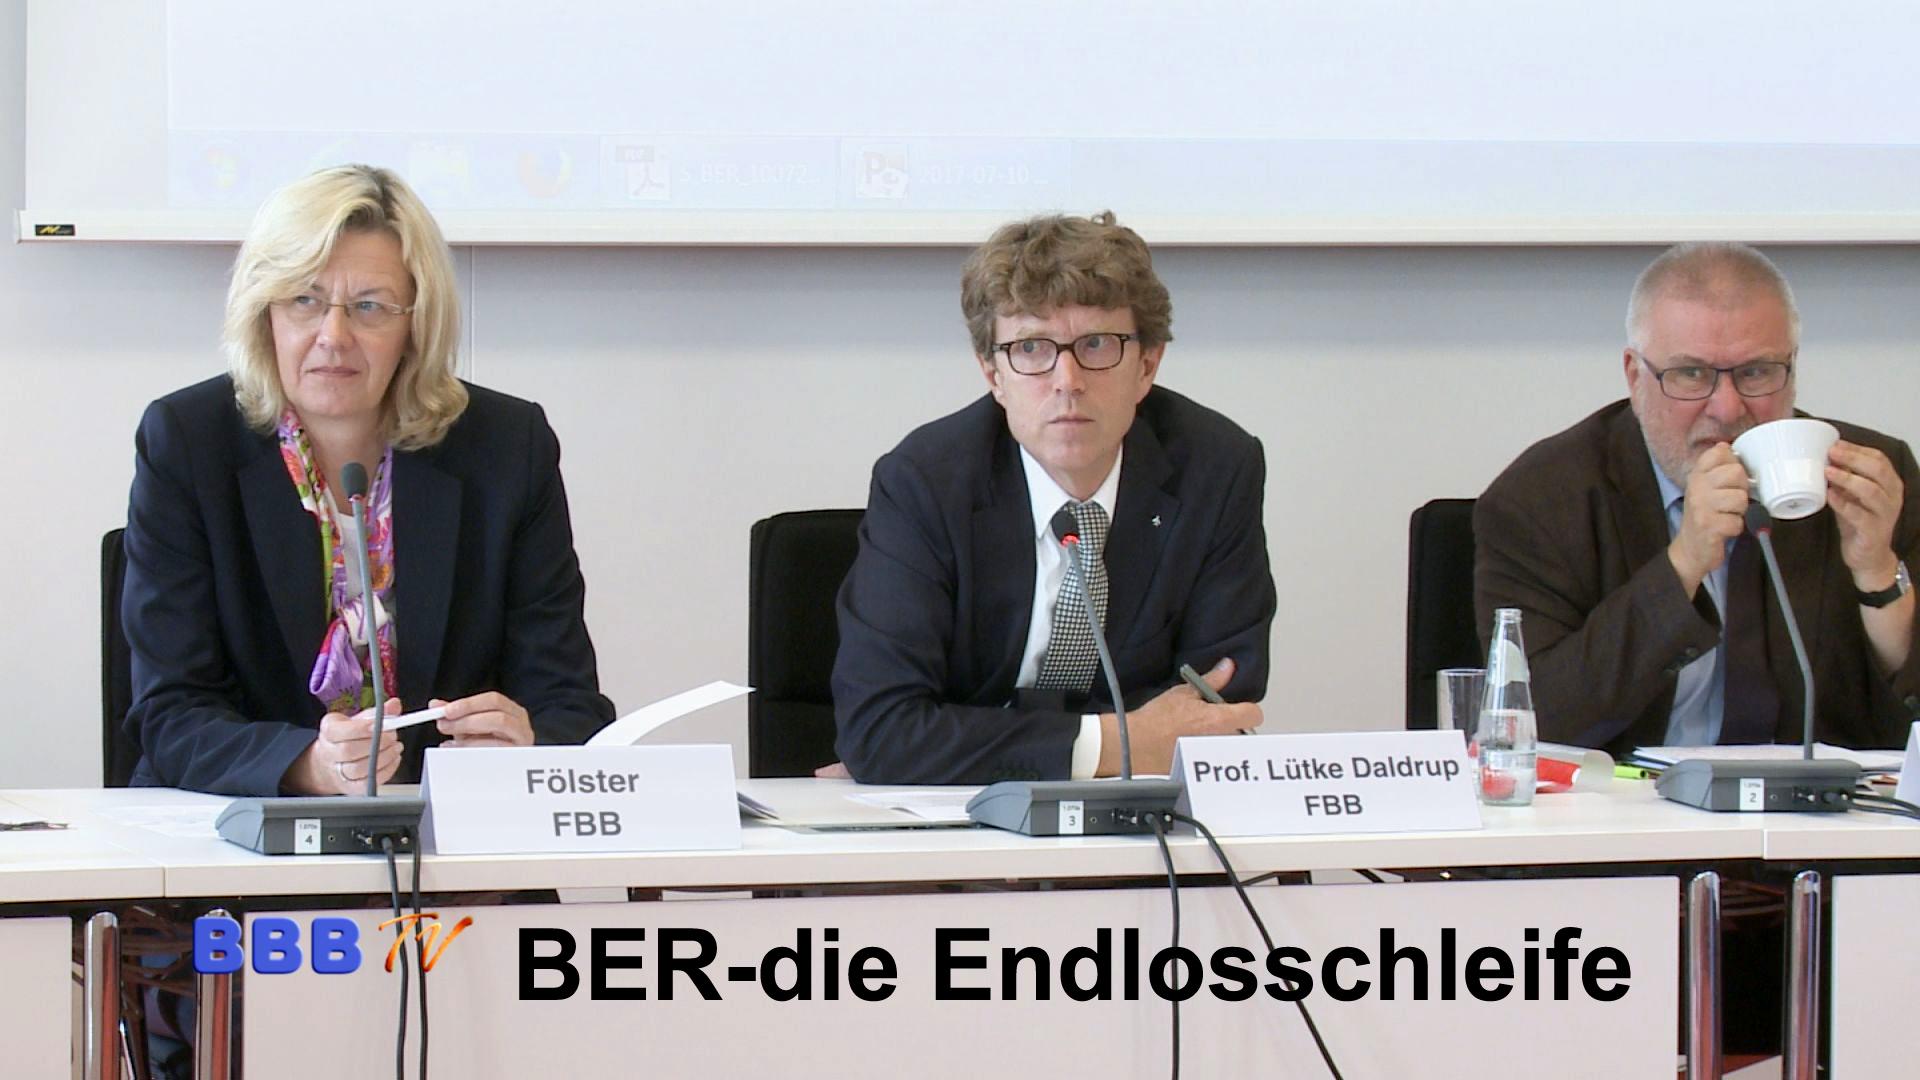 Strafender Oberlehrerblick und Geschwurbel der BER Chefs können nicht verdecken: Es geht nicht vorwärts. Warum sollte das beim Schallschutz anders sein? Wir haben die Äußerungen der letzten Geschäftsführer verglichen und […]